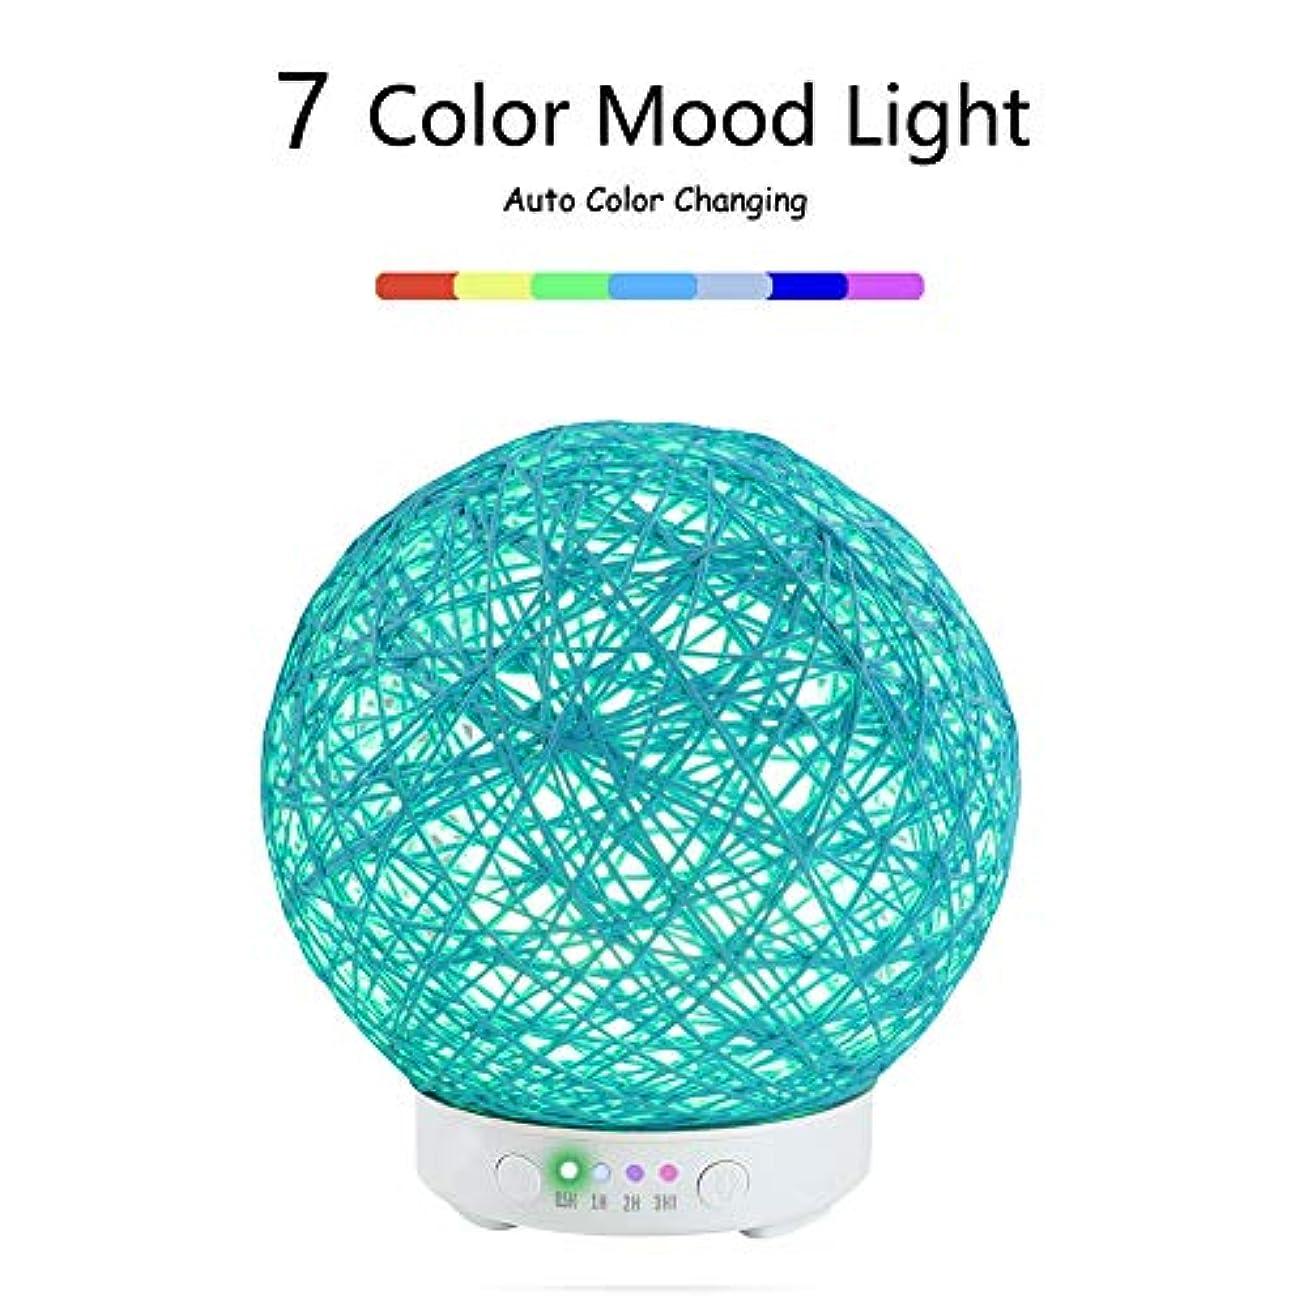 リーガンアソシエイトシステム創造的な麻ロープアロマセラピーマシン、アロマエッセンシャルオイルクールな霧加湿器水なし自動7色LEDライト